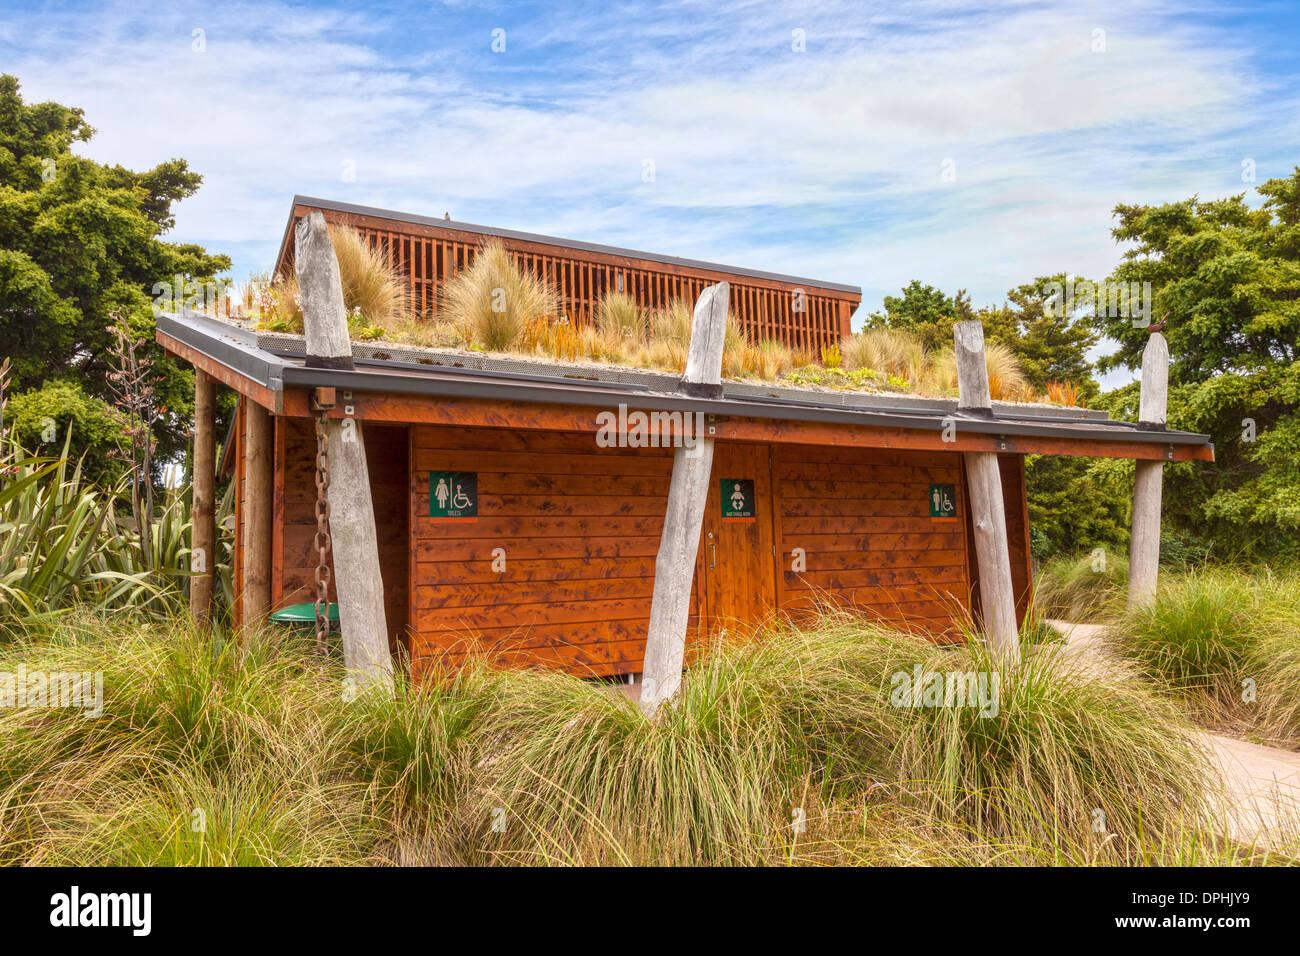 Wc bloque con techo viviente, Auckland Botanic Gardens. El techo viviente absorbe el agua de lluvia, cualquier... Imagen De Stock